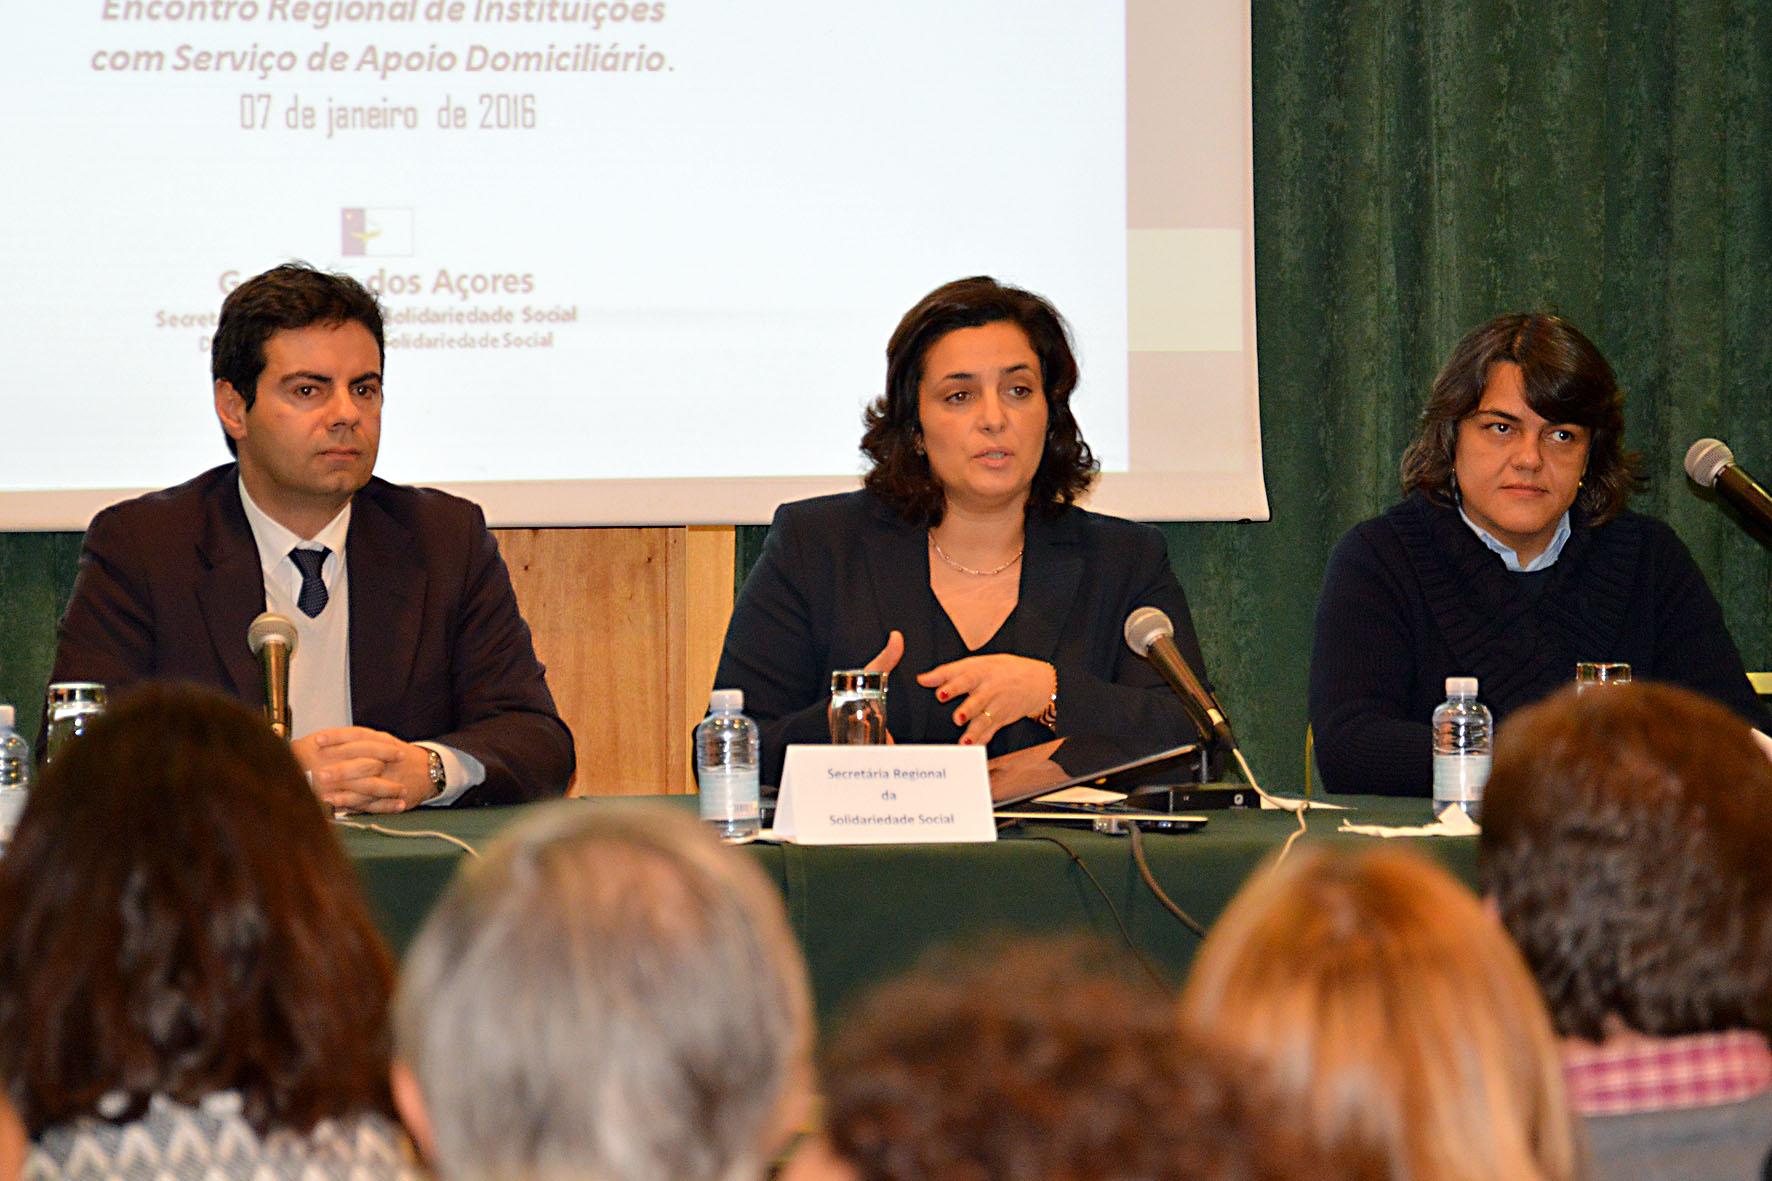 Governo dos Açores considera fundamental apoiar o cuidador informal, afirma Andreia Cardoso